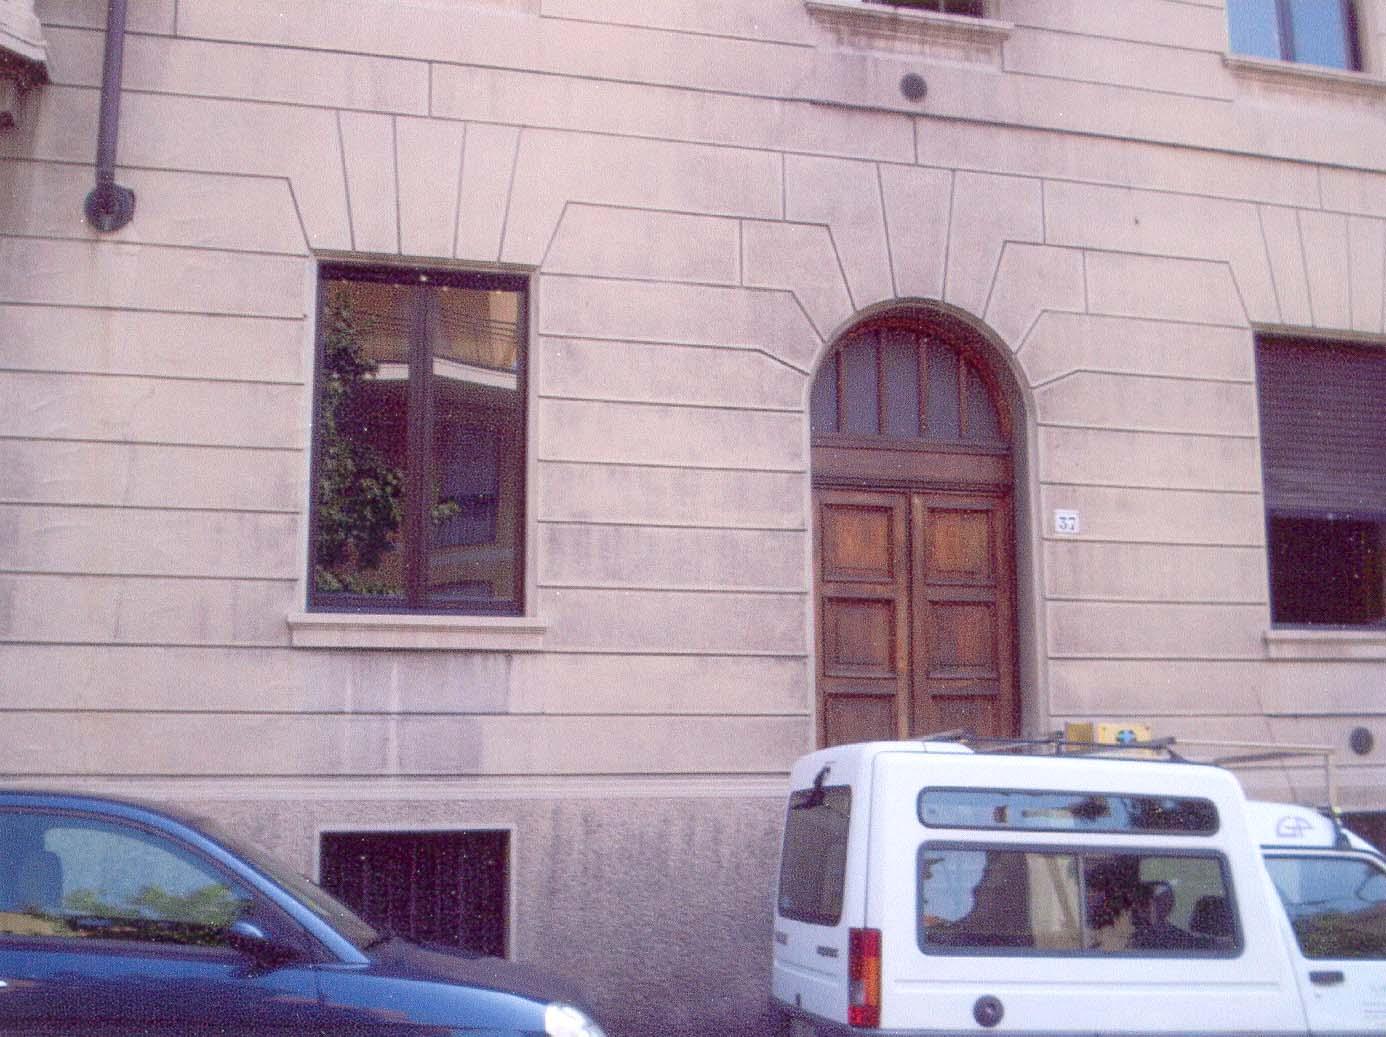 Survivor Vitale Bruno's  family house in Biella where rescuer Rizzeto Carlotta worked as a nunny till 1941.